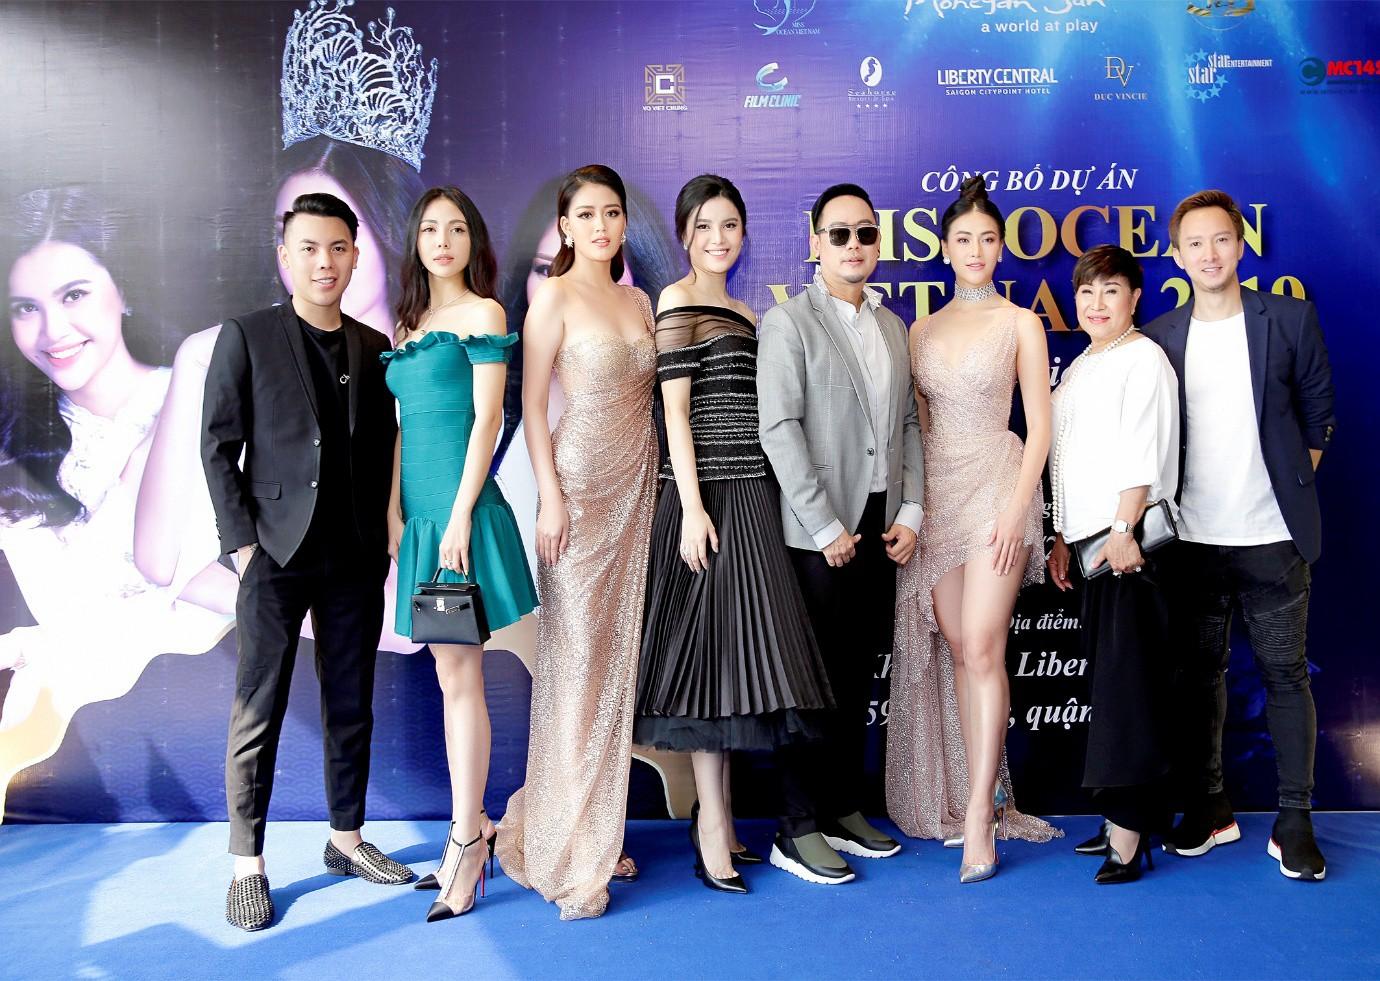 Miss Ocean Vietnam tổ chức tại Mohegan Sun Casino & Resort - Hoa Kỳ - Ảnh 2.